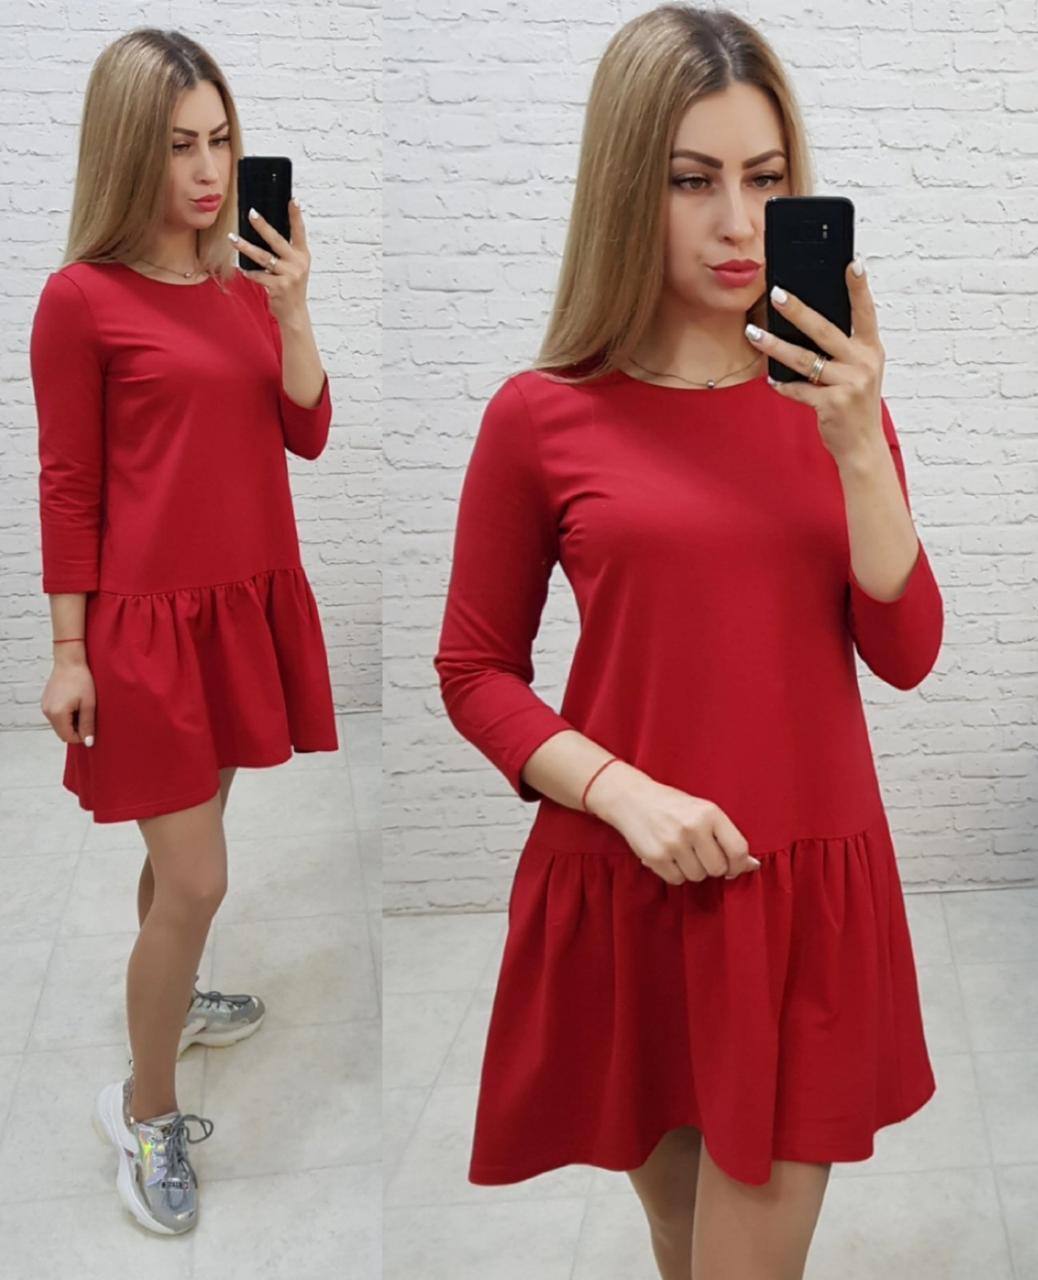 Женское платье трикотажное , модель 778, красное